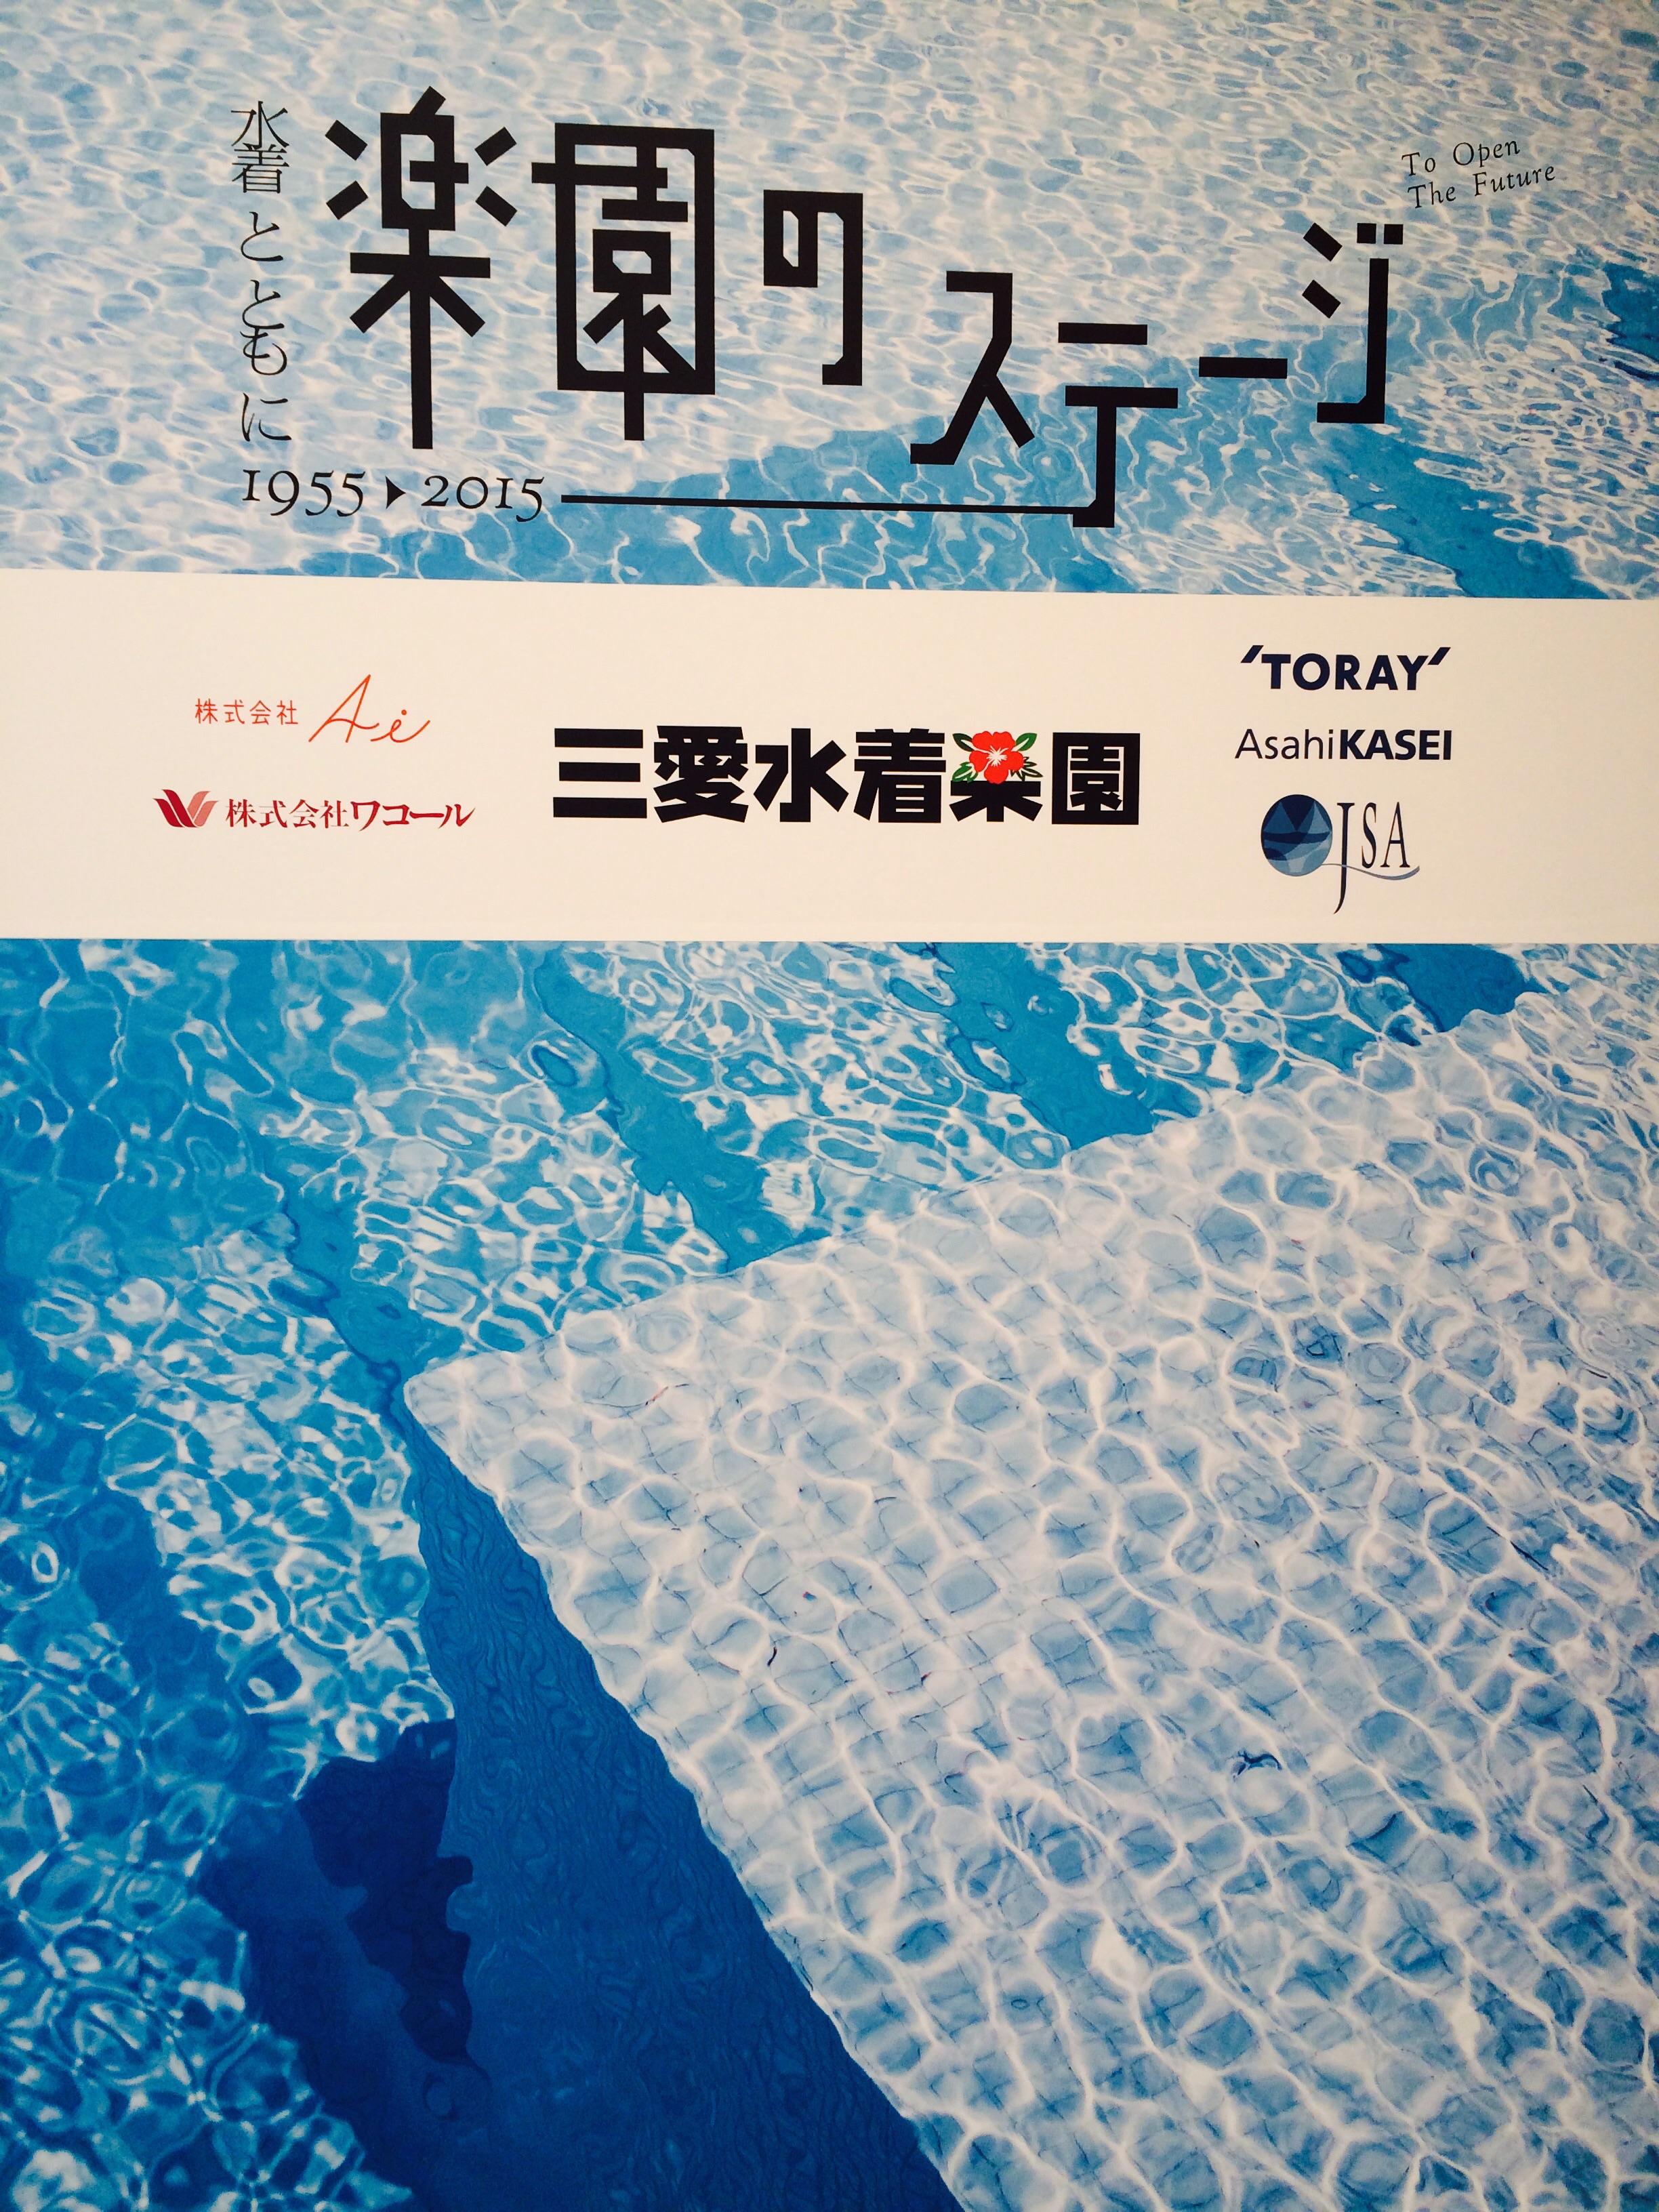 三愛水着の歴史の全てがここに! 表参道で60周年を記念した展覧会「楽園のステージ」開催☆_1